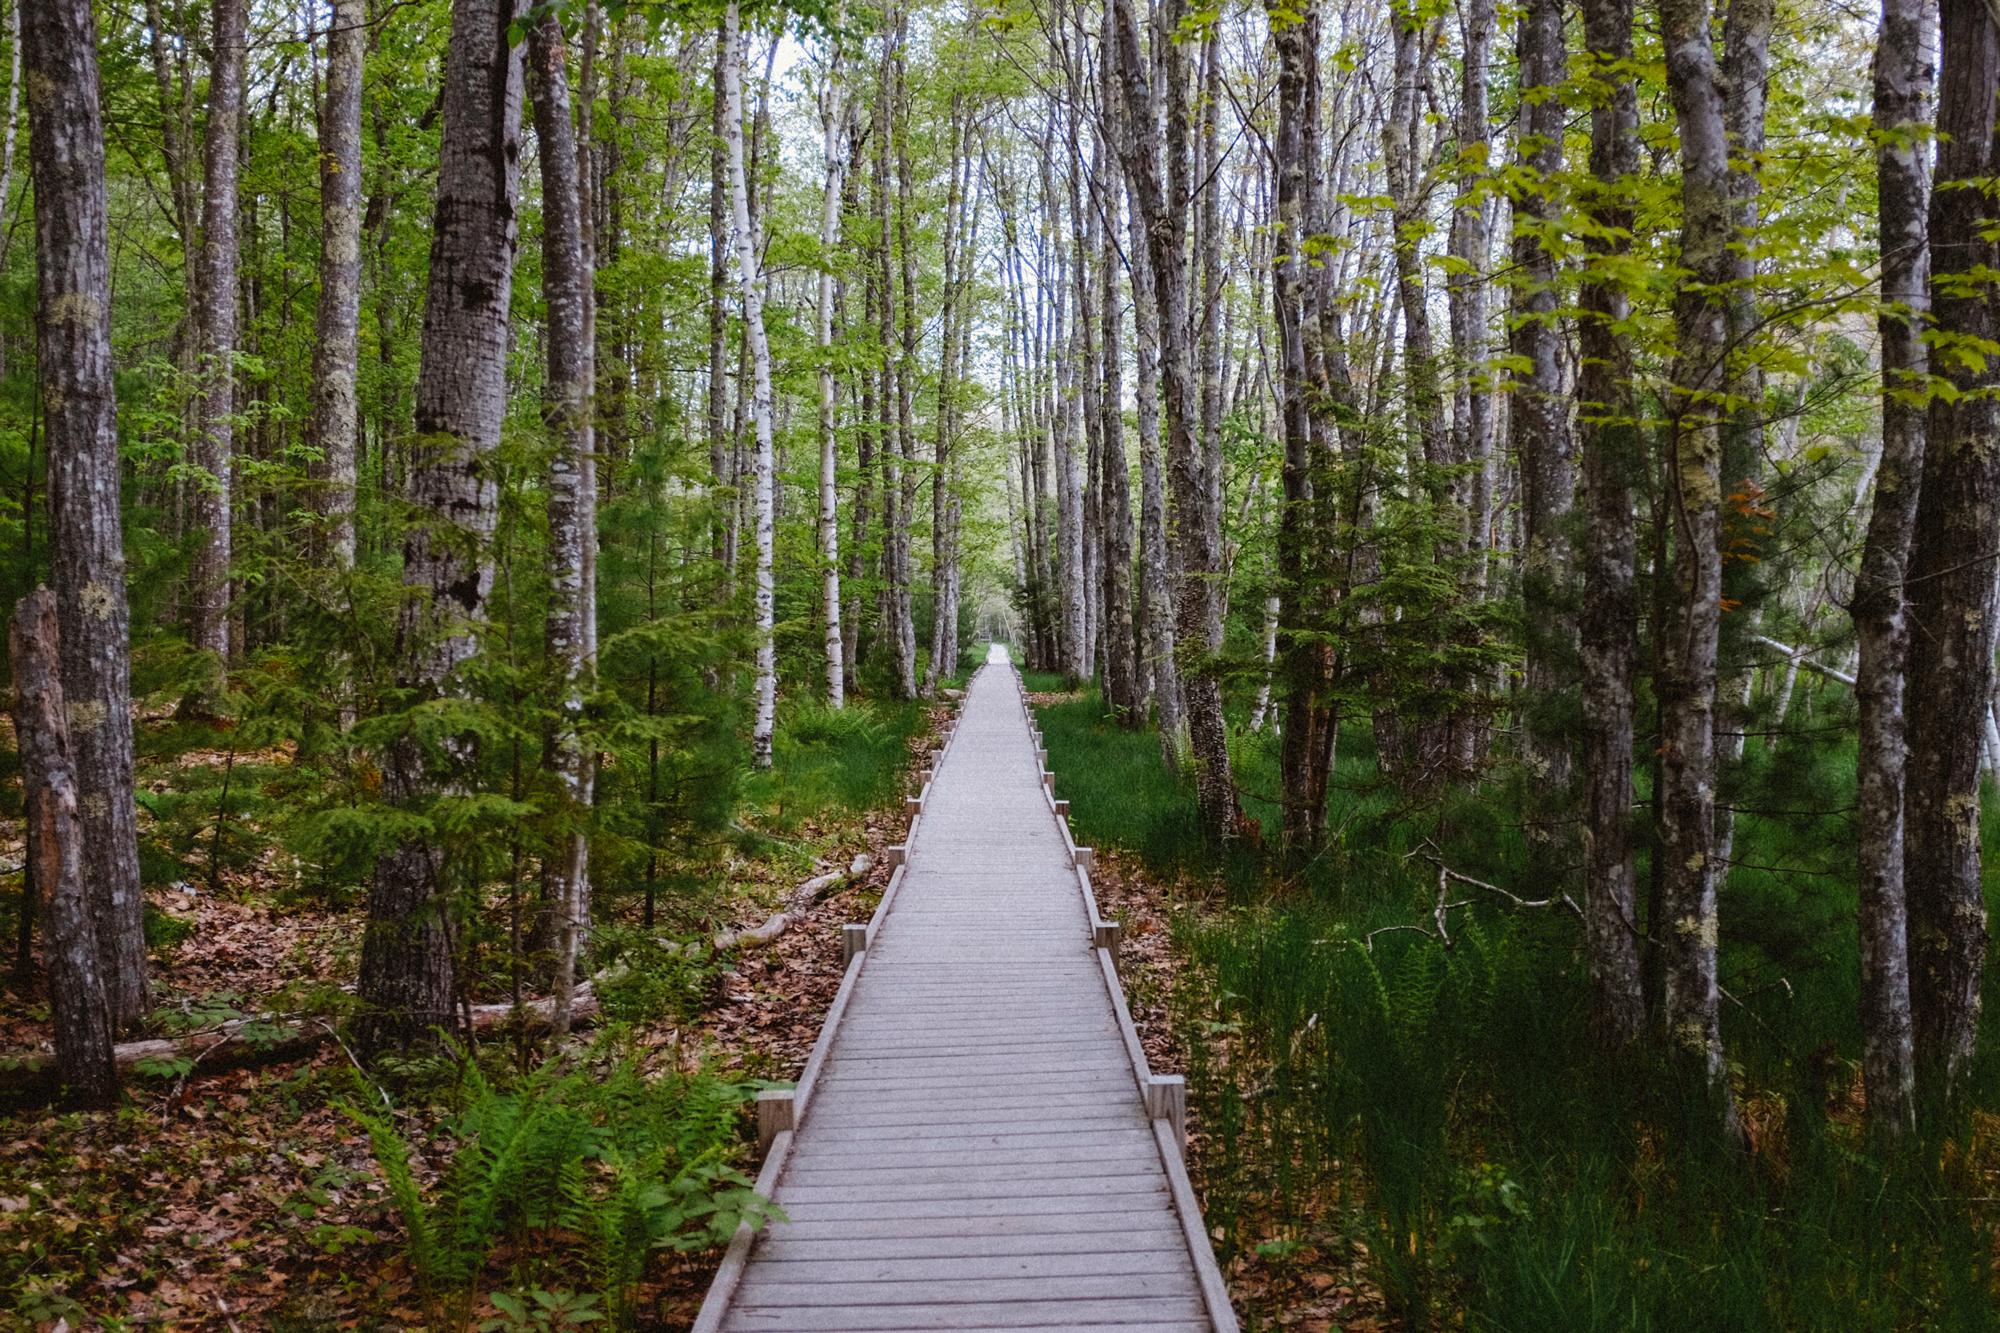 The Jesup Path. Dreamy.